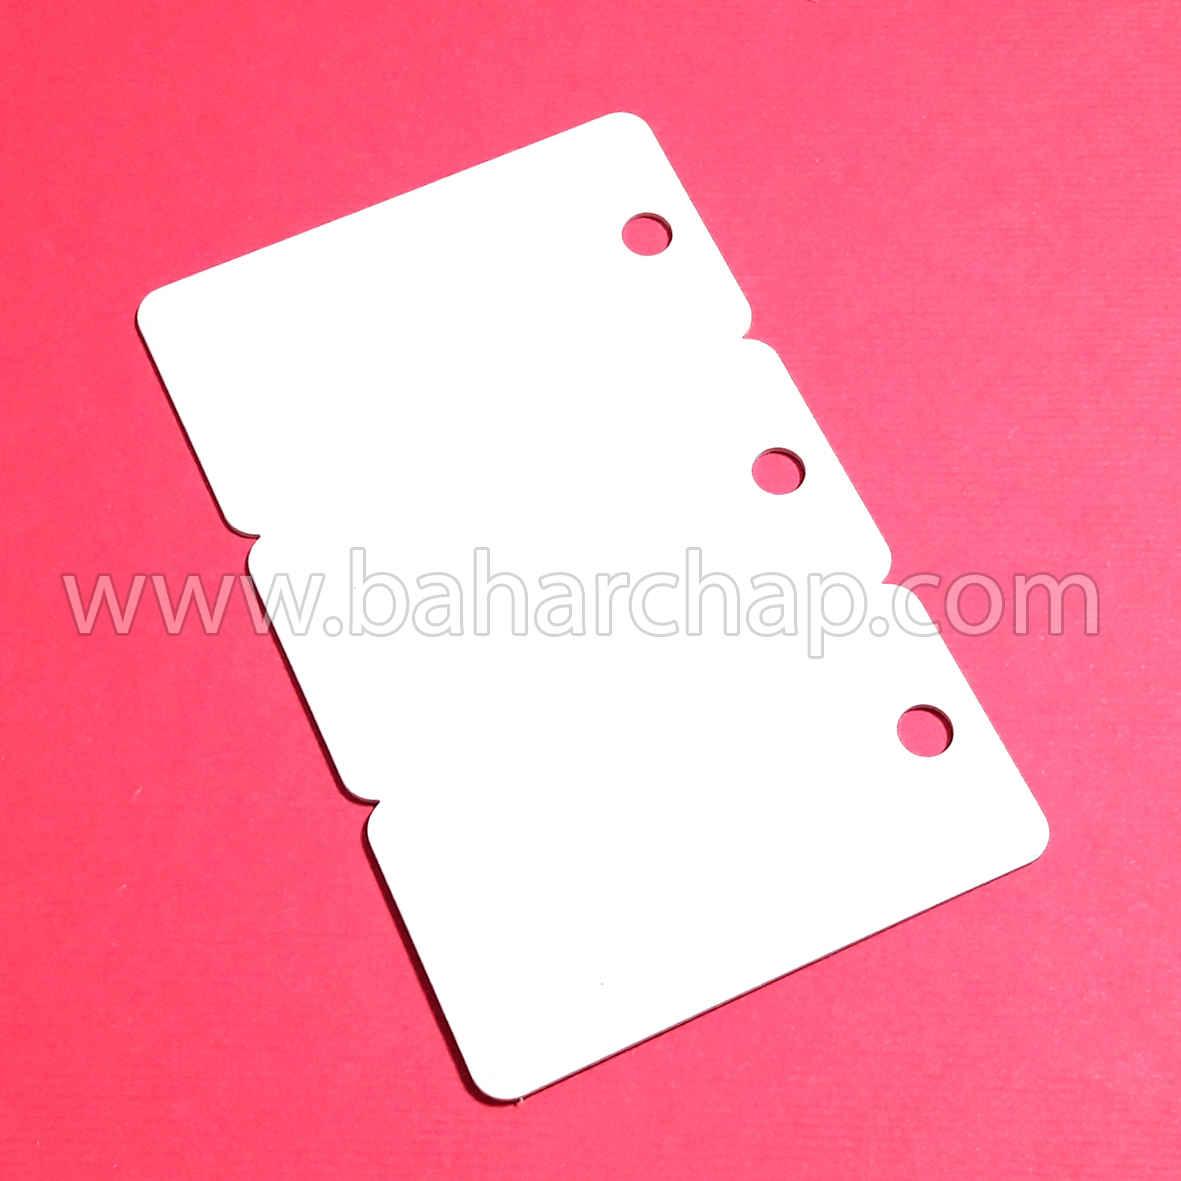 فروشگاه و خدمات اینترنتی بهارچاپ اصفهان-کارت PVC سه تکه اپسون و کانن-PVC Personnel Card 3 in 1 for Epson R260 R265 R270 R280 R290 R380 R390 RX680 T50 T60 A50 P50 L800 L801 R330